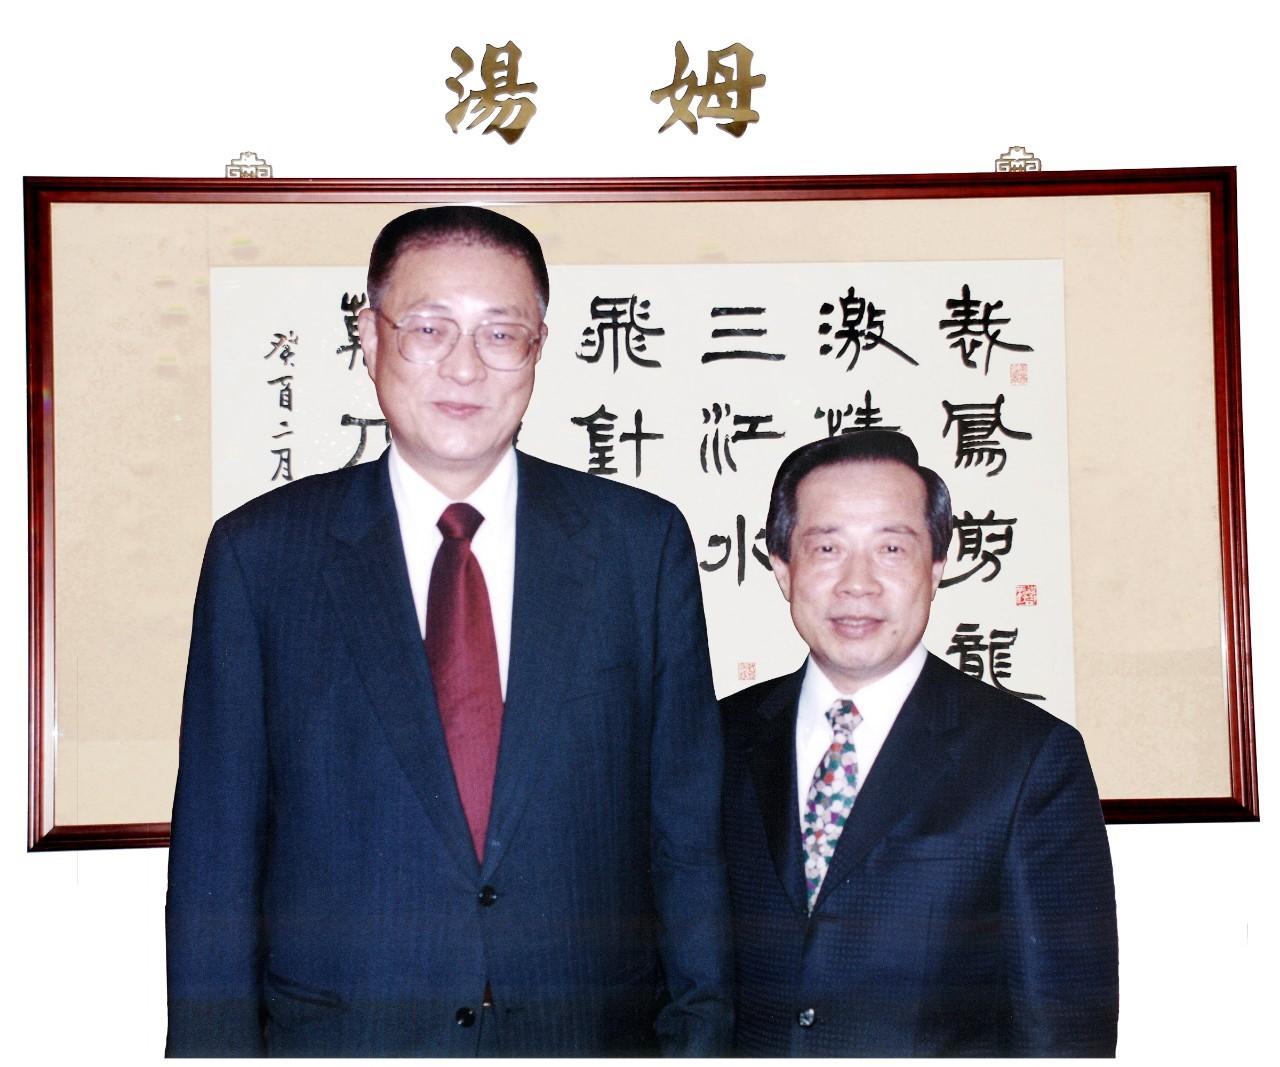 國民黨主席 吳敦義先生